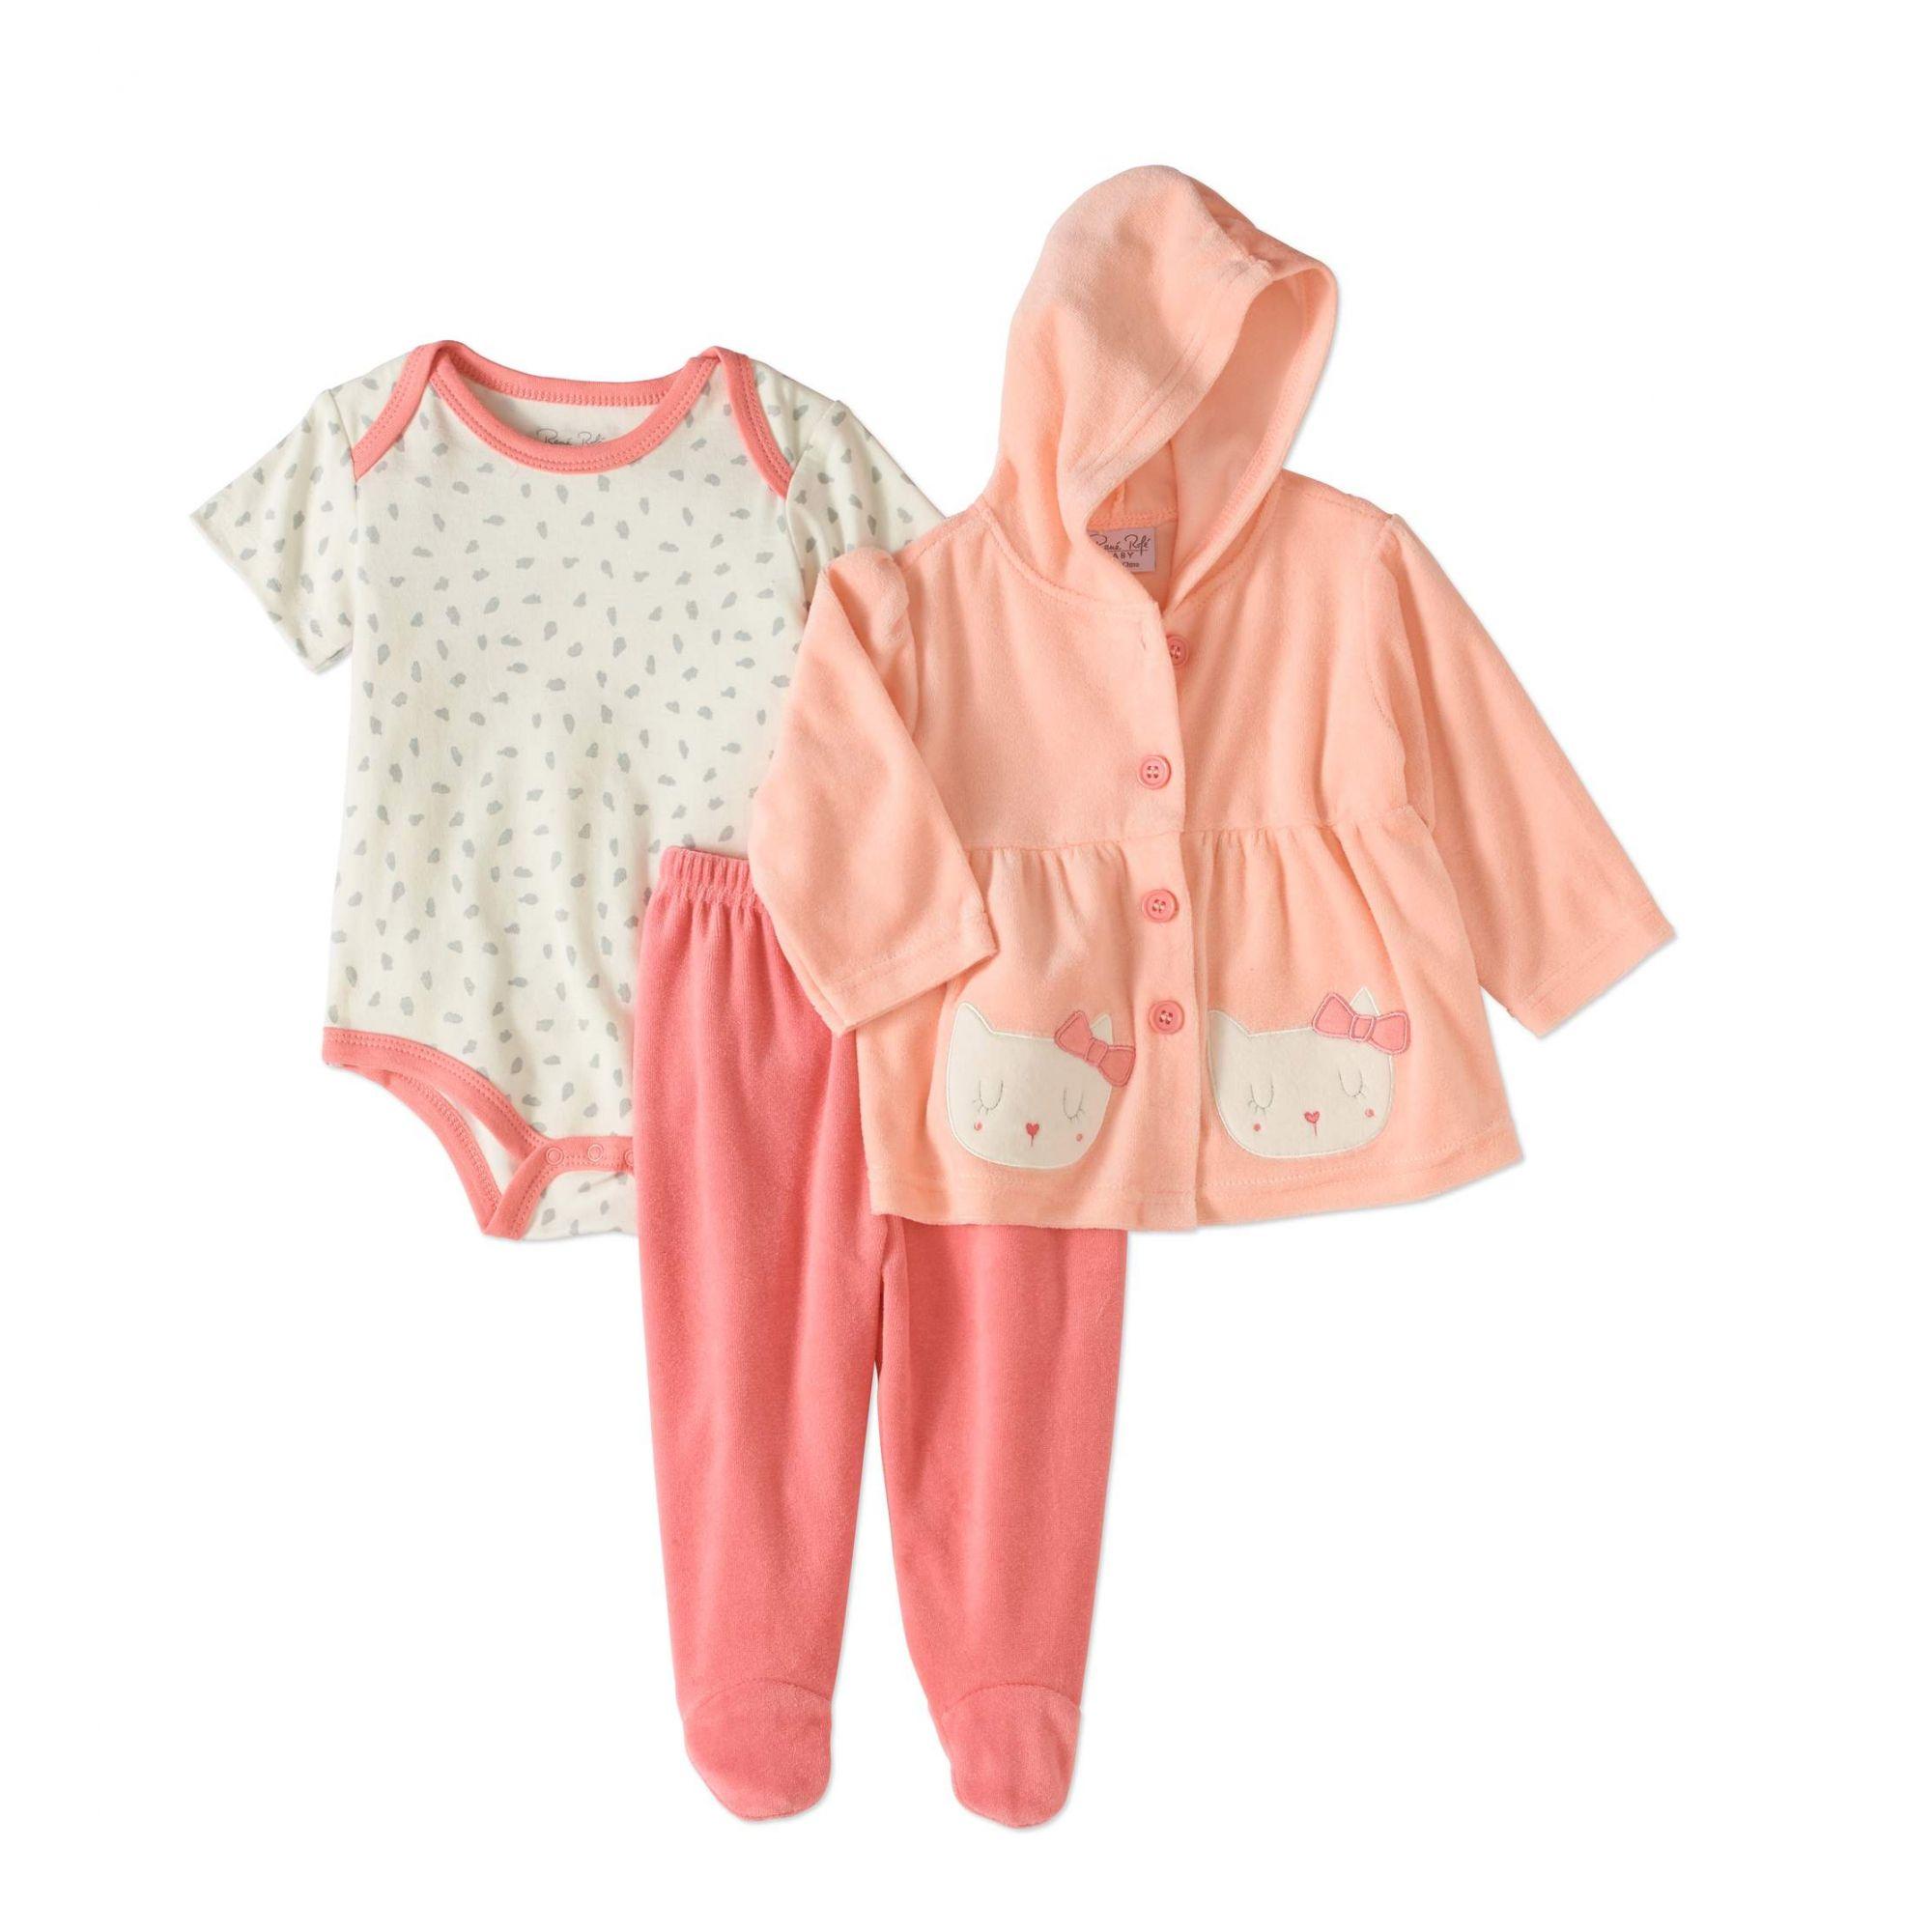 eae0c9086 Conjunto René Rofé 3 peças com casaco plush - Mamy e Kids